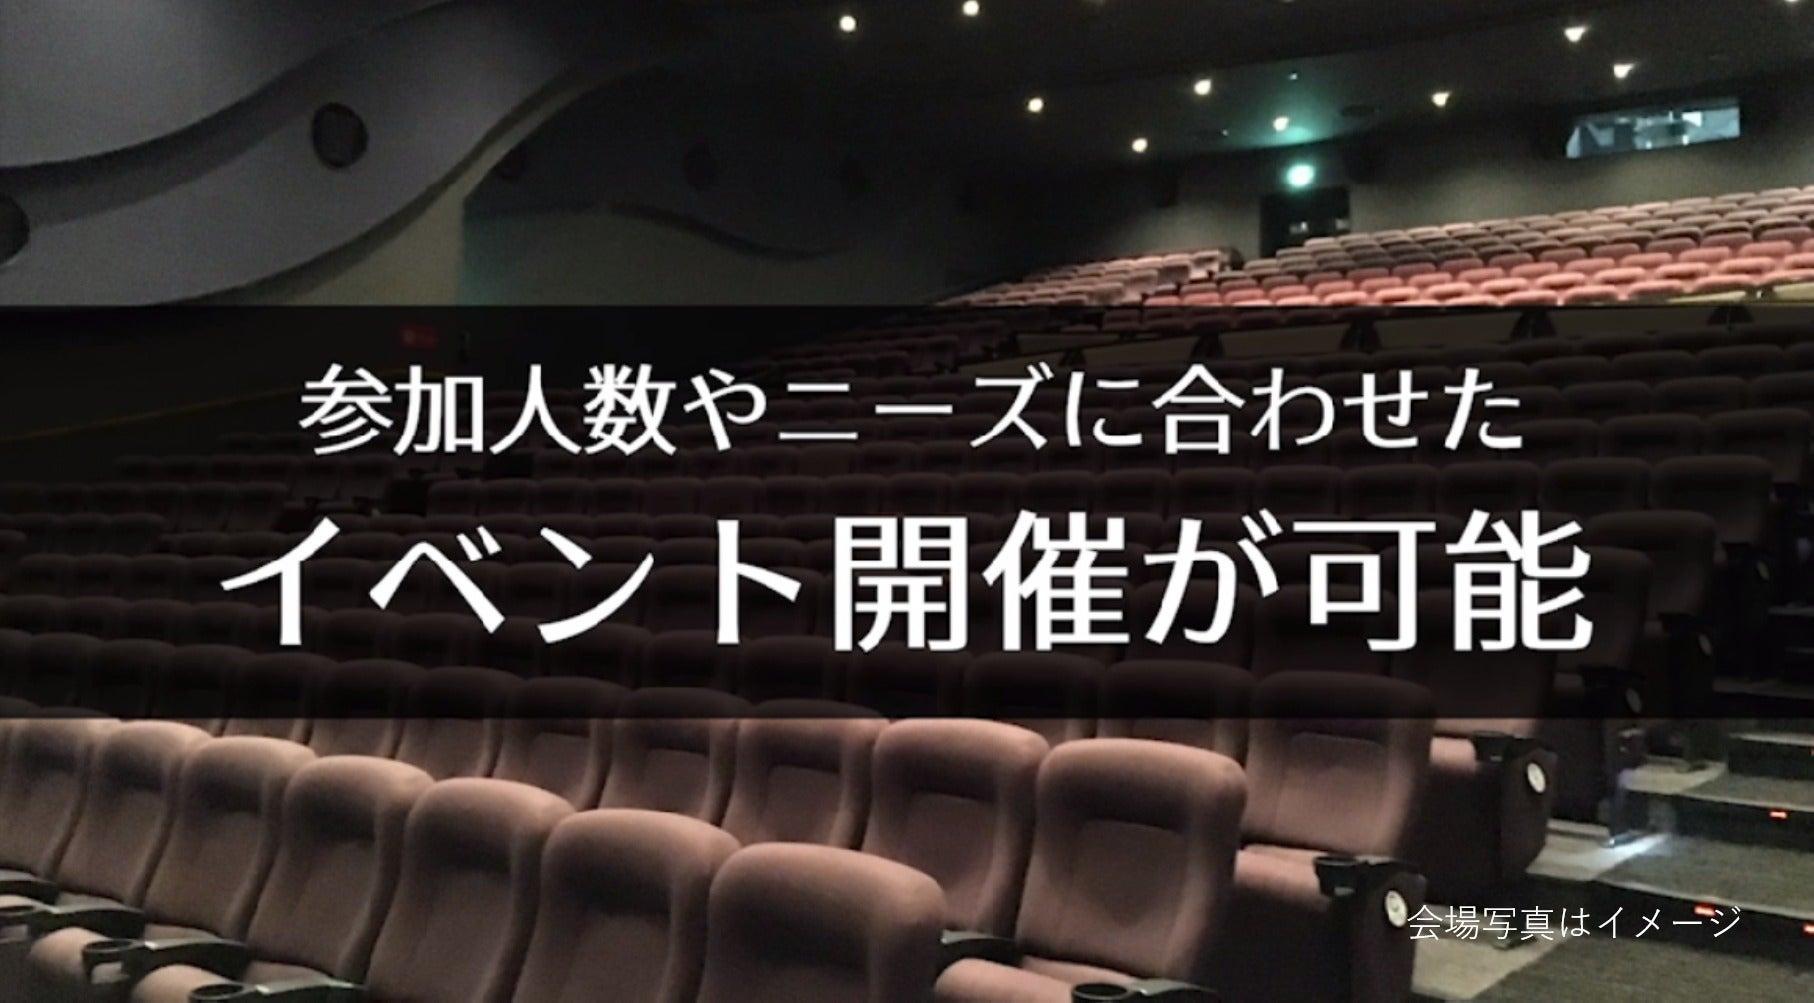 【水戸 459席】映画館で、会社説明会、株主総会、講演会の企画はいかがですか?(ユナイテッド・シネマ水戸) の写真0